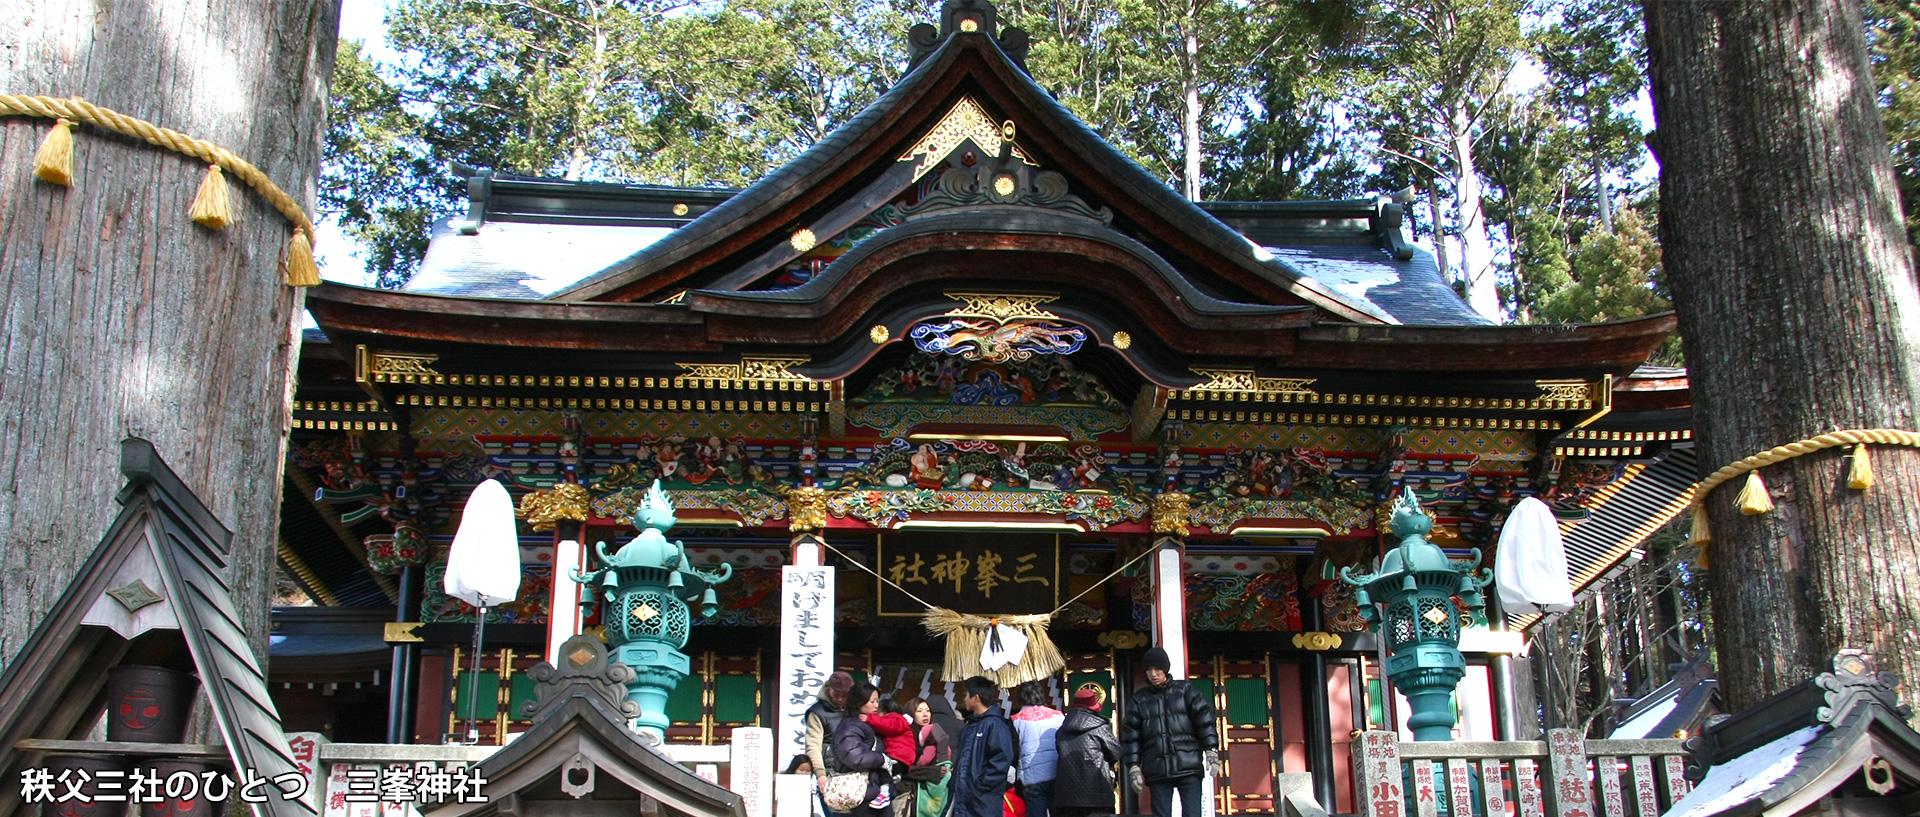 秩父三社のひとつ 三峯神社